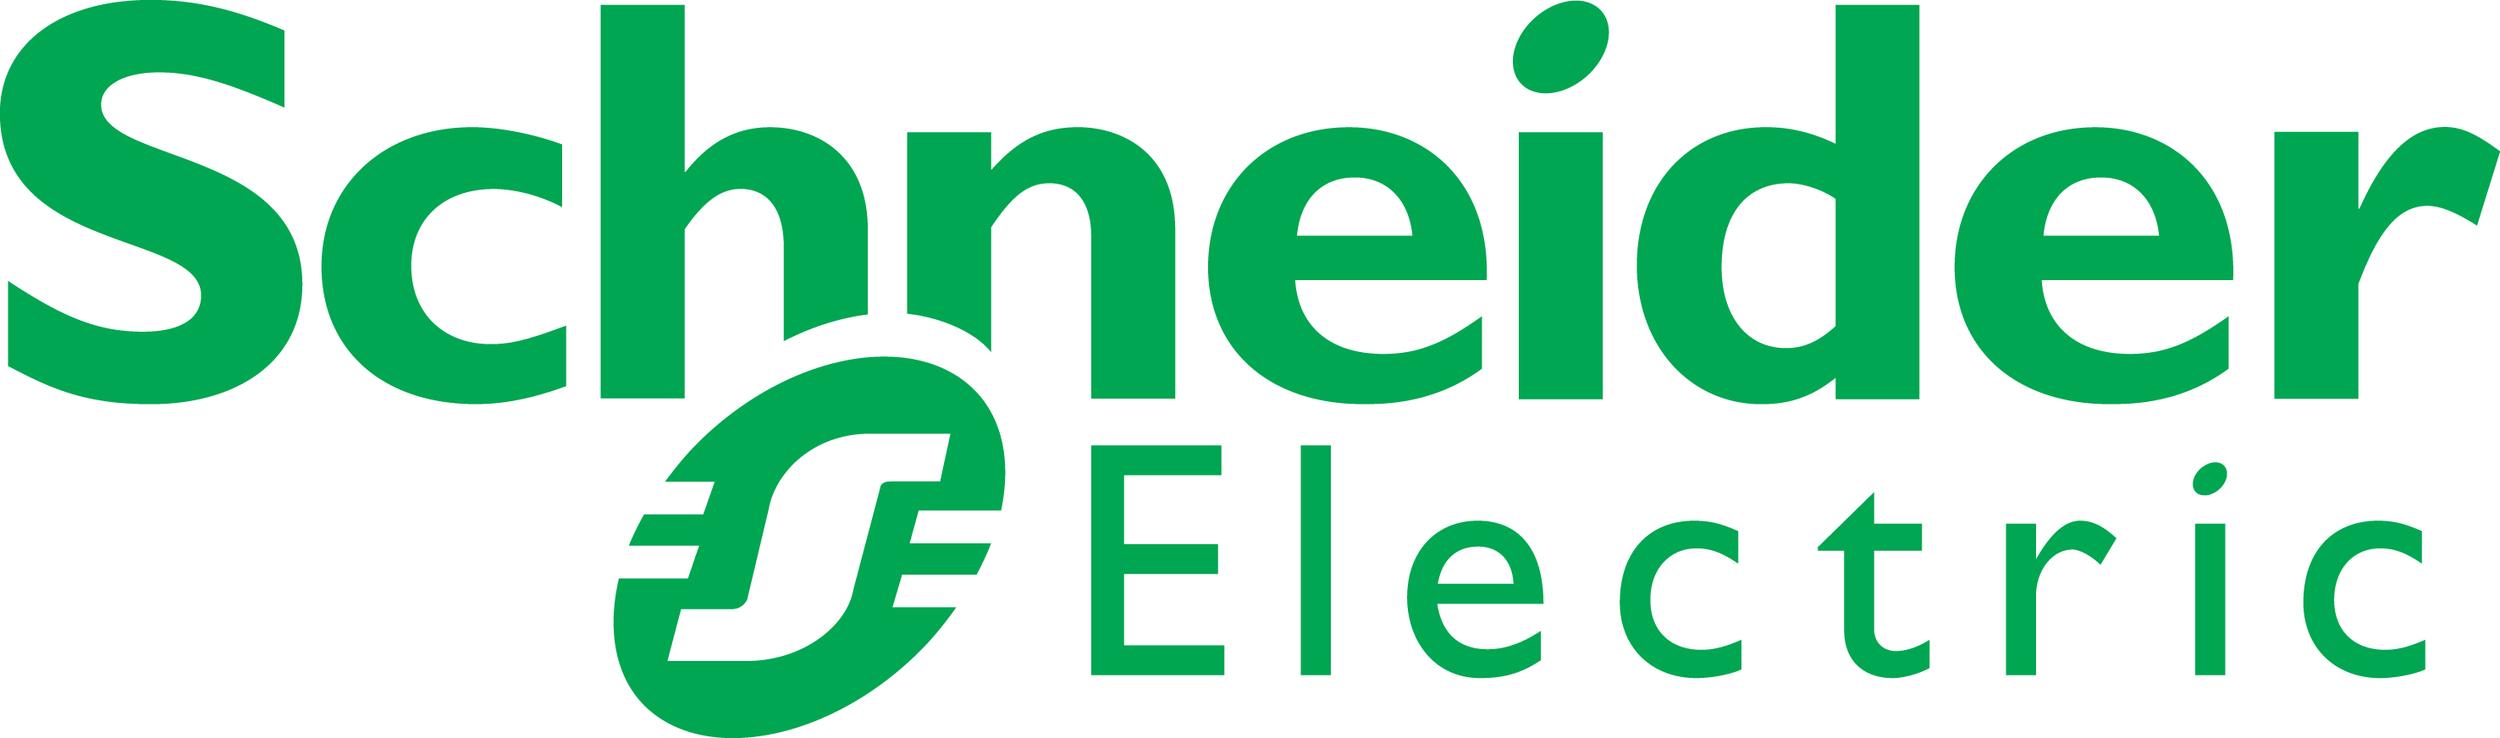 Schneider Electric.jpg